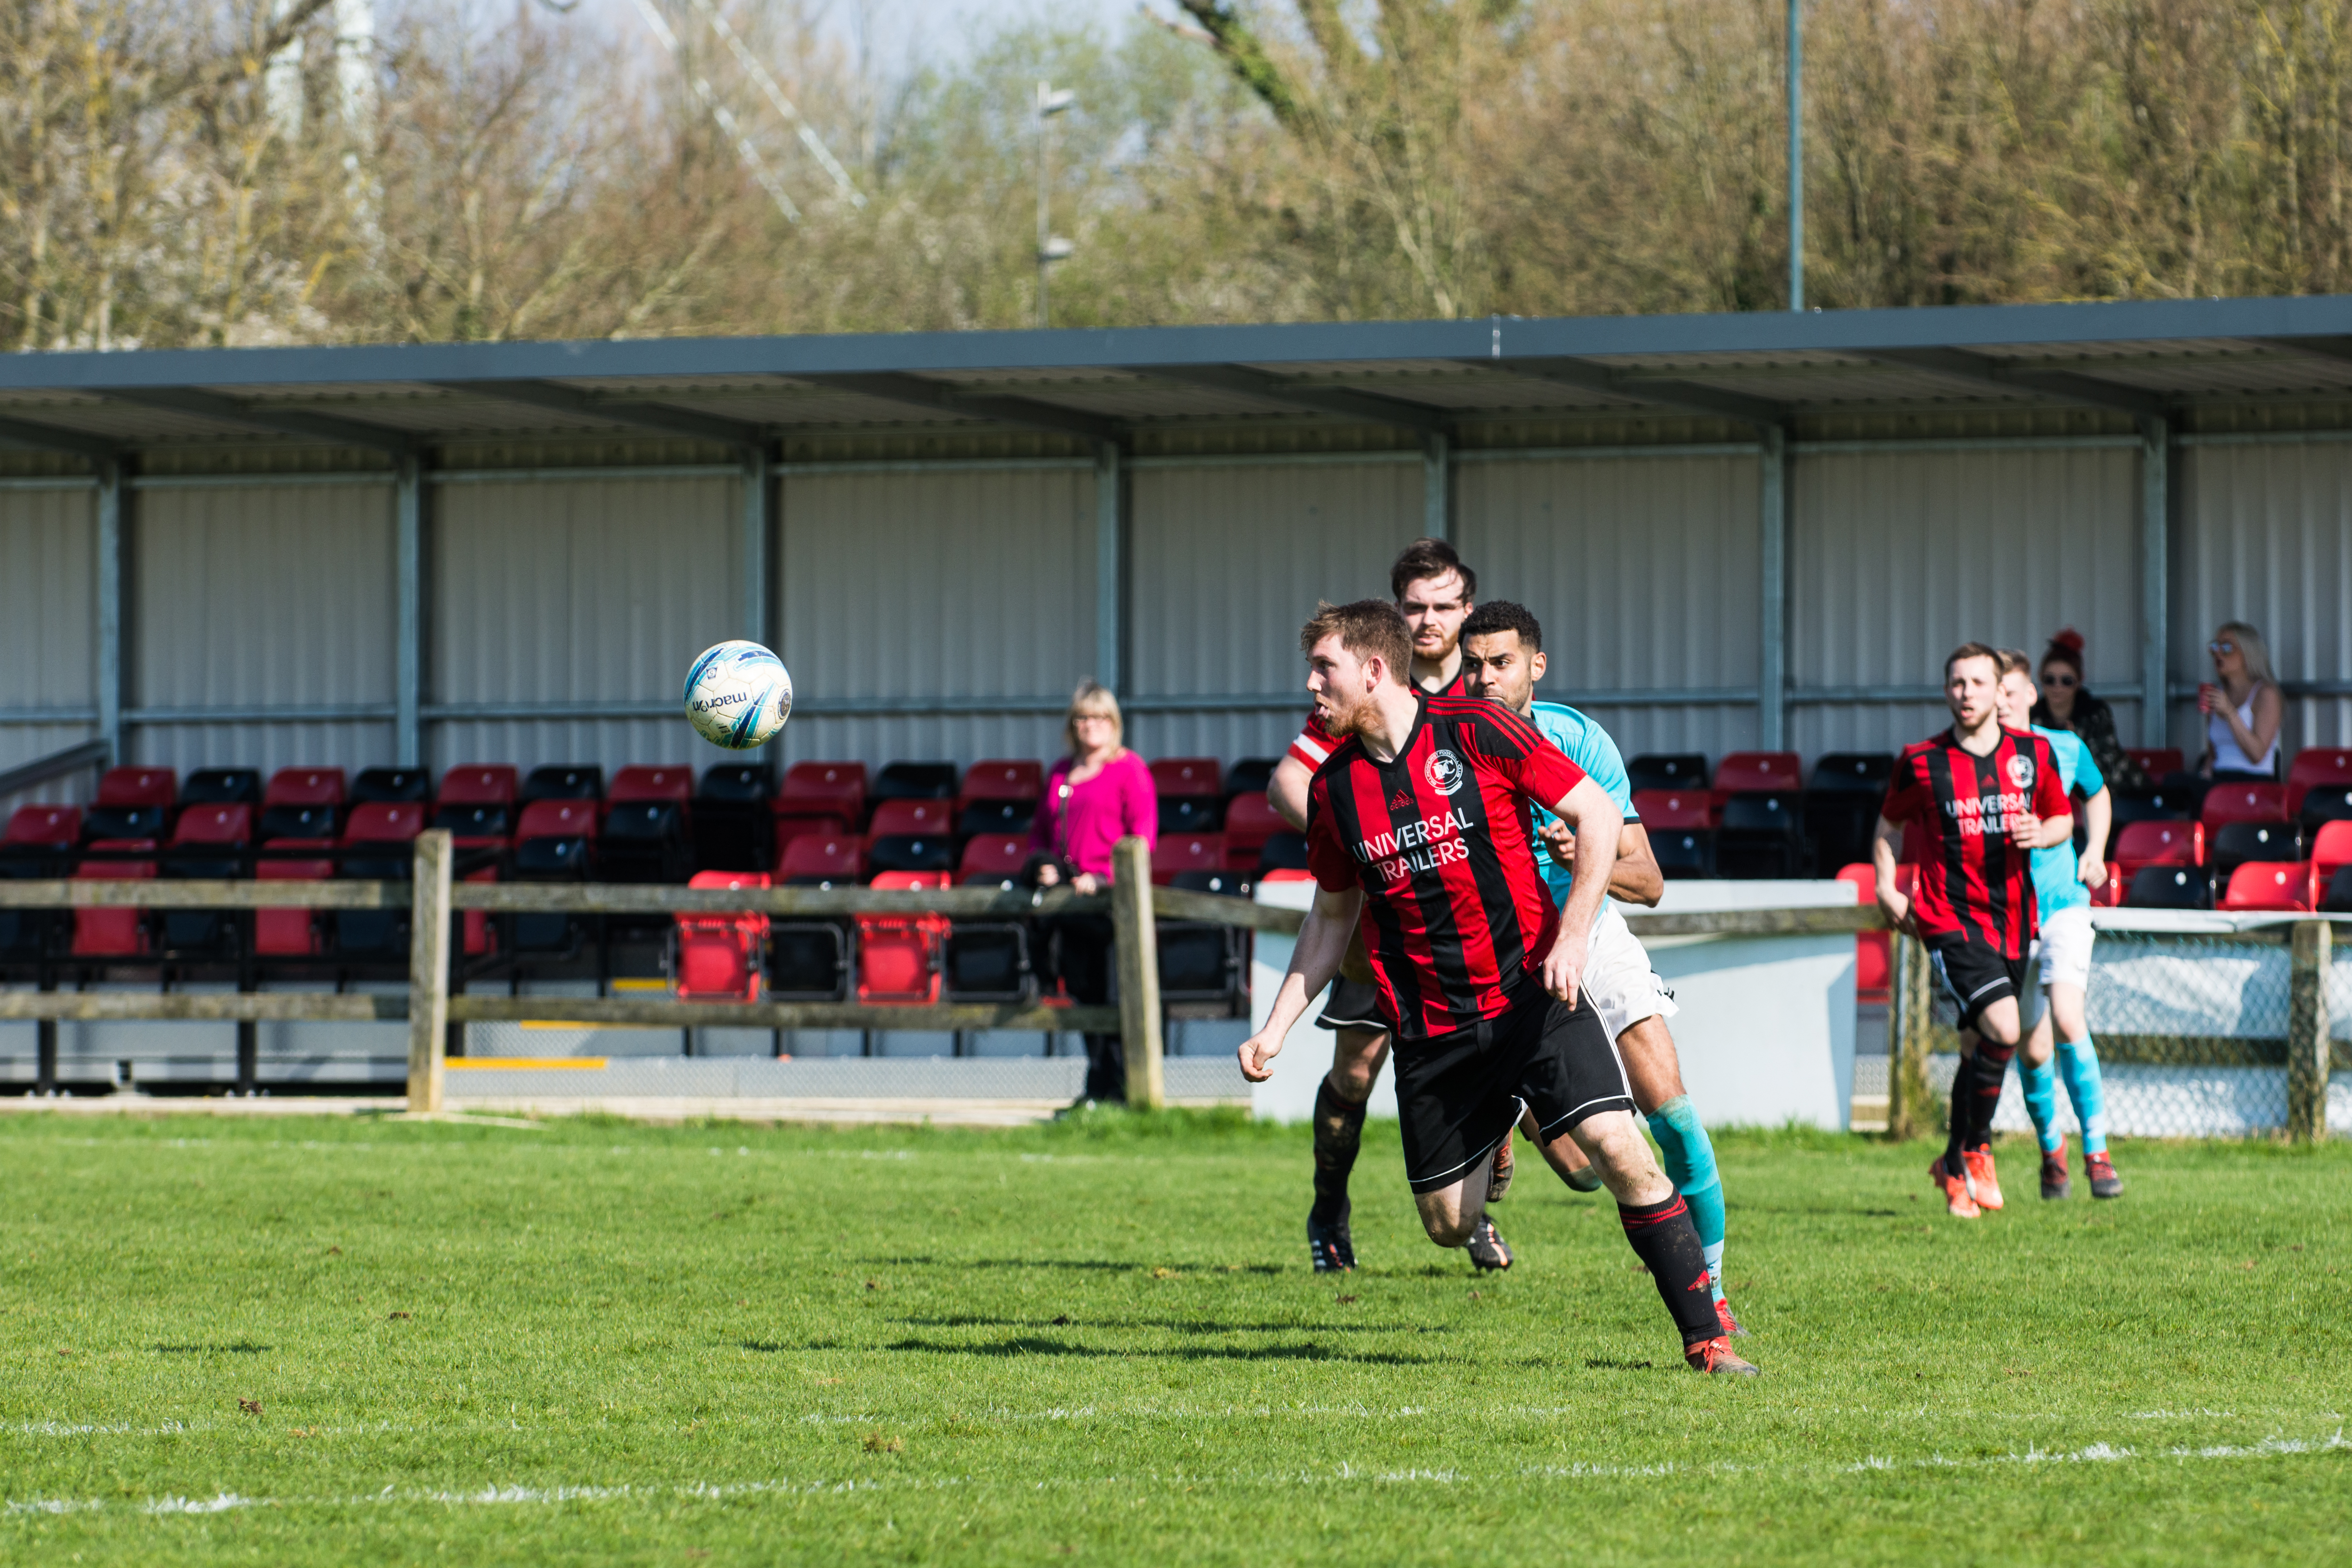 DAVID_JEFFERY Billingshurst FC vs AFC Varndeanians 14.04.18 67